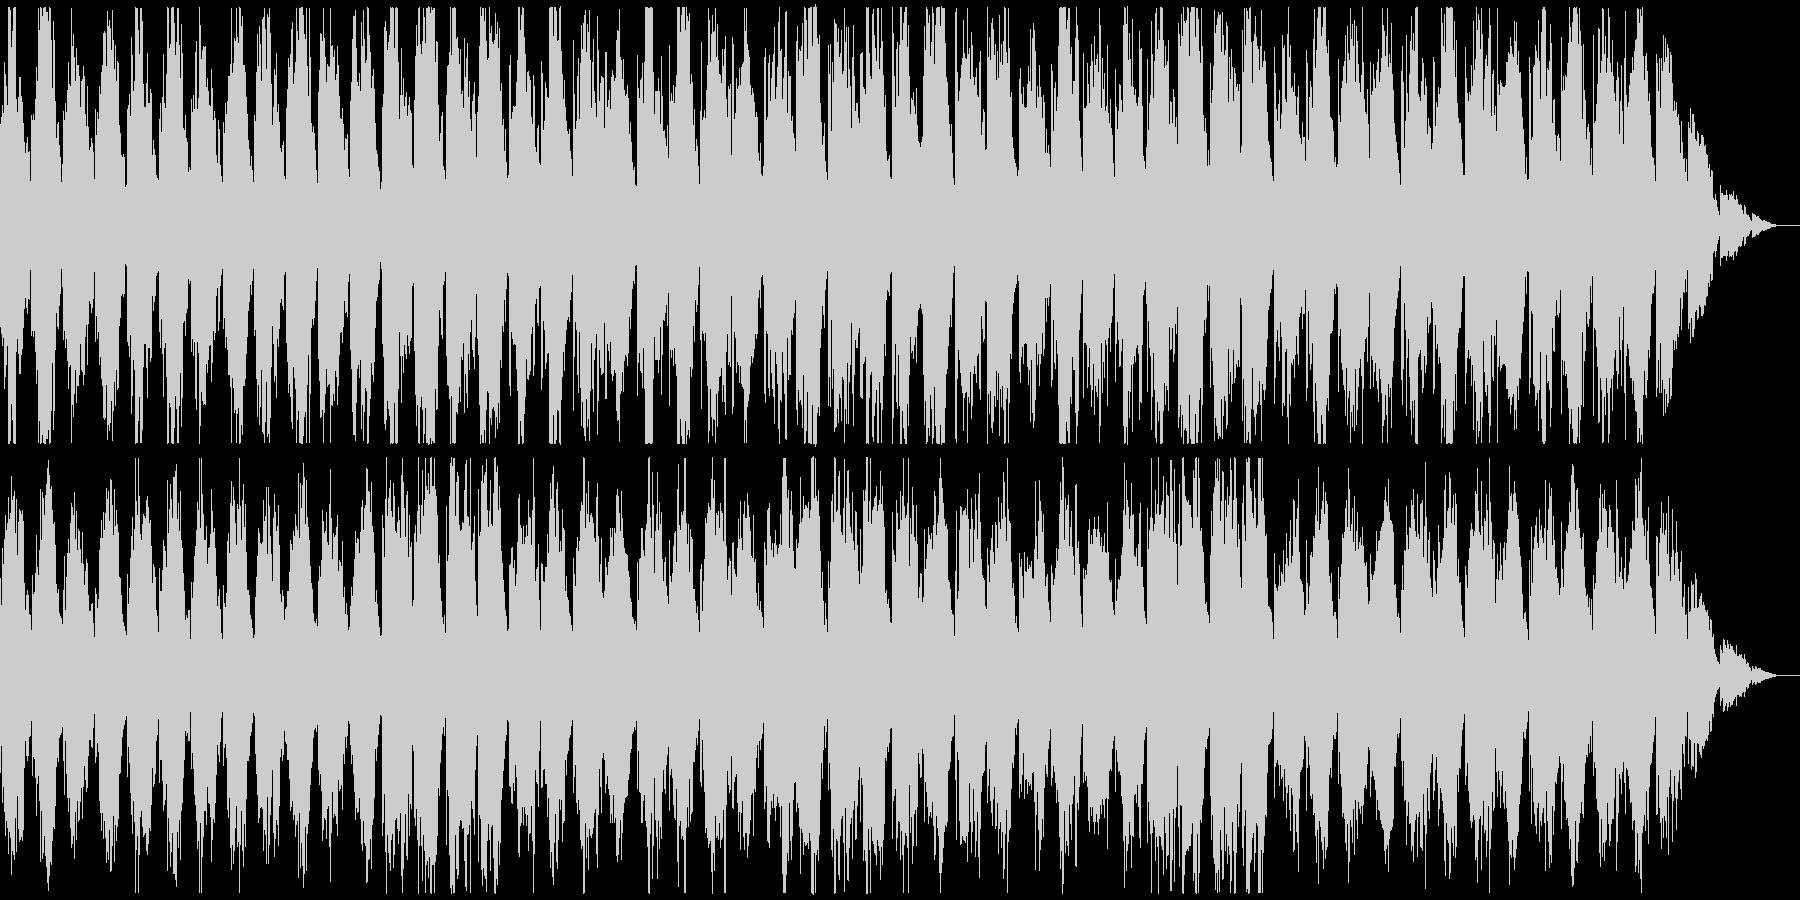 瞑想やヨガ、睡眠誘導のための音楽 08の未再生の波形